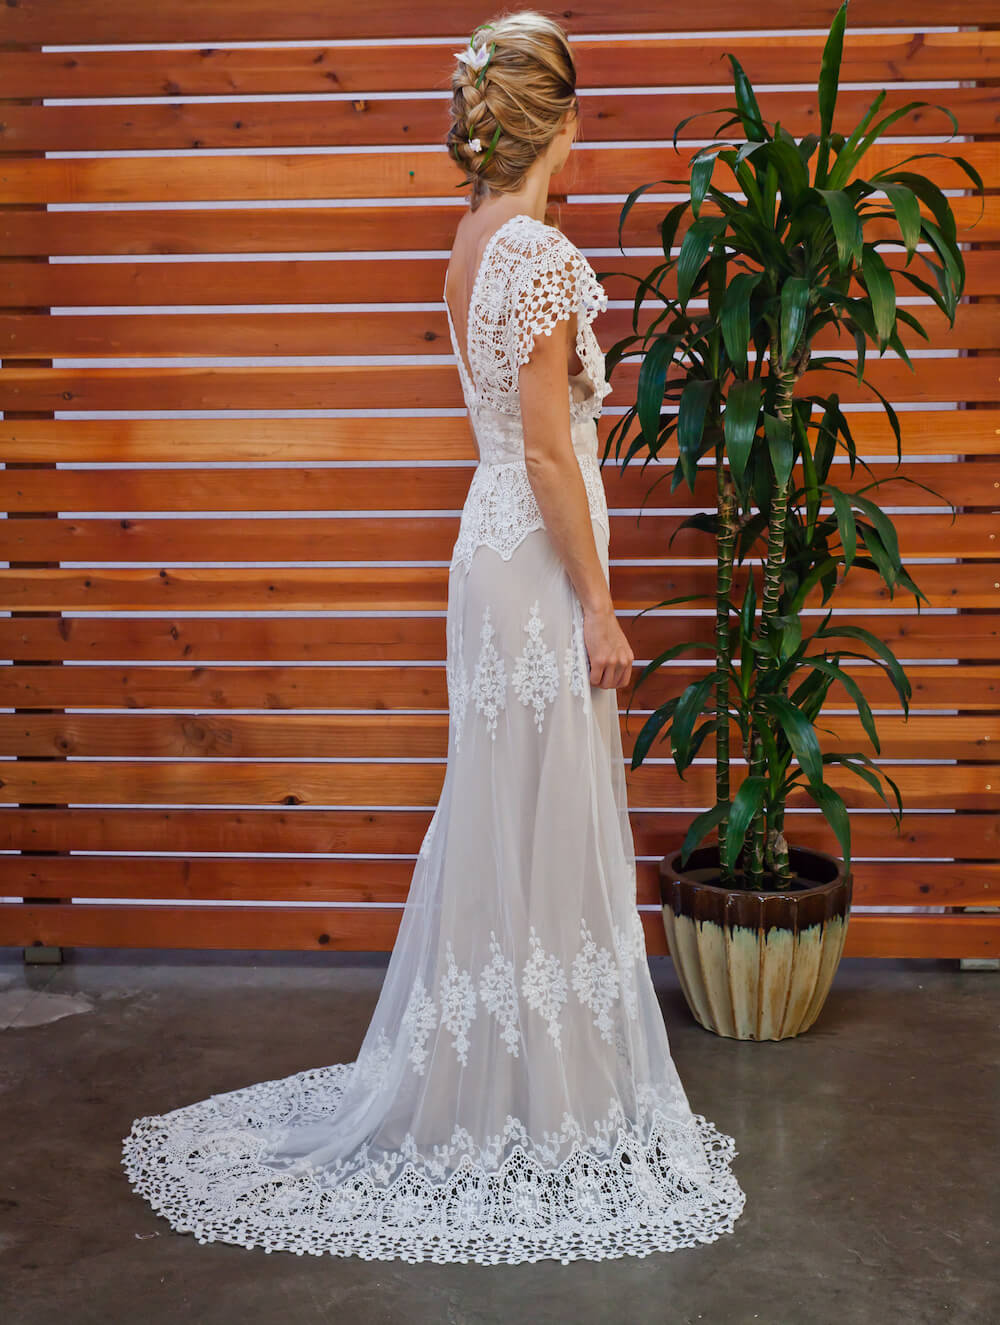 Azalea Draped Cotton Lace Wedding Dress